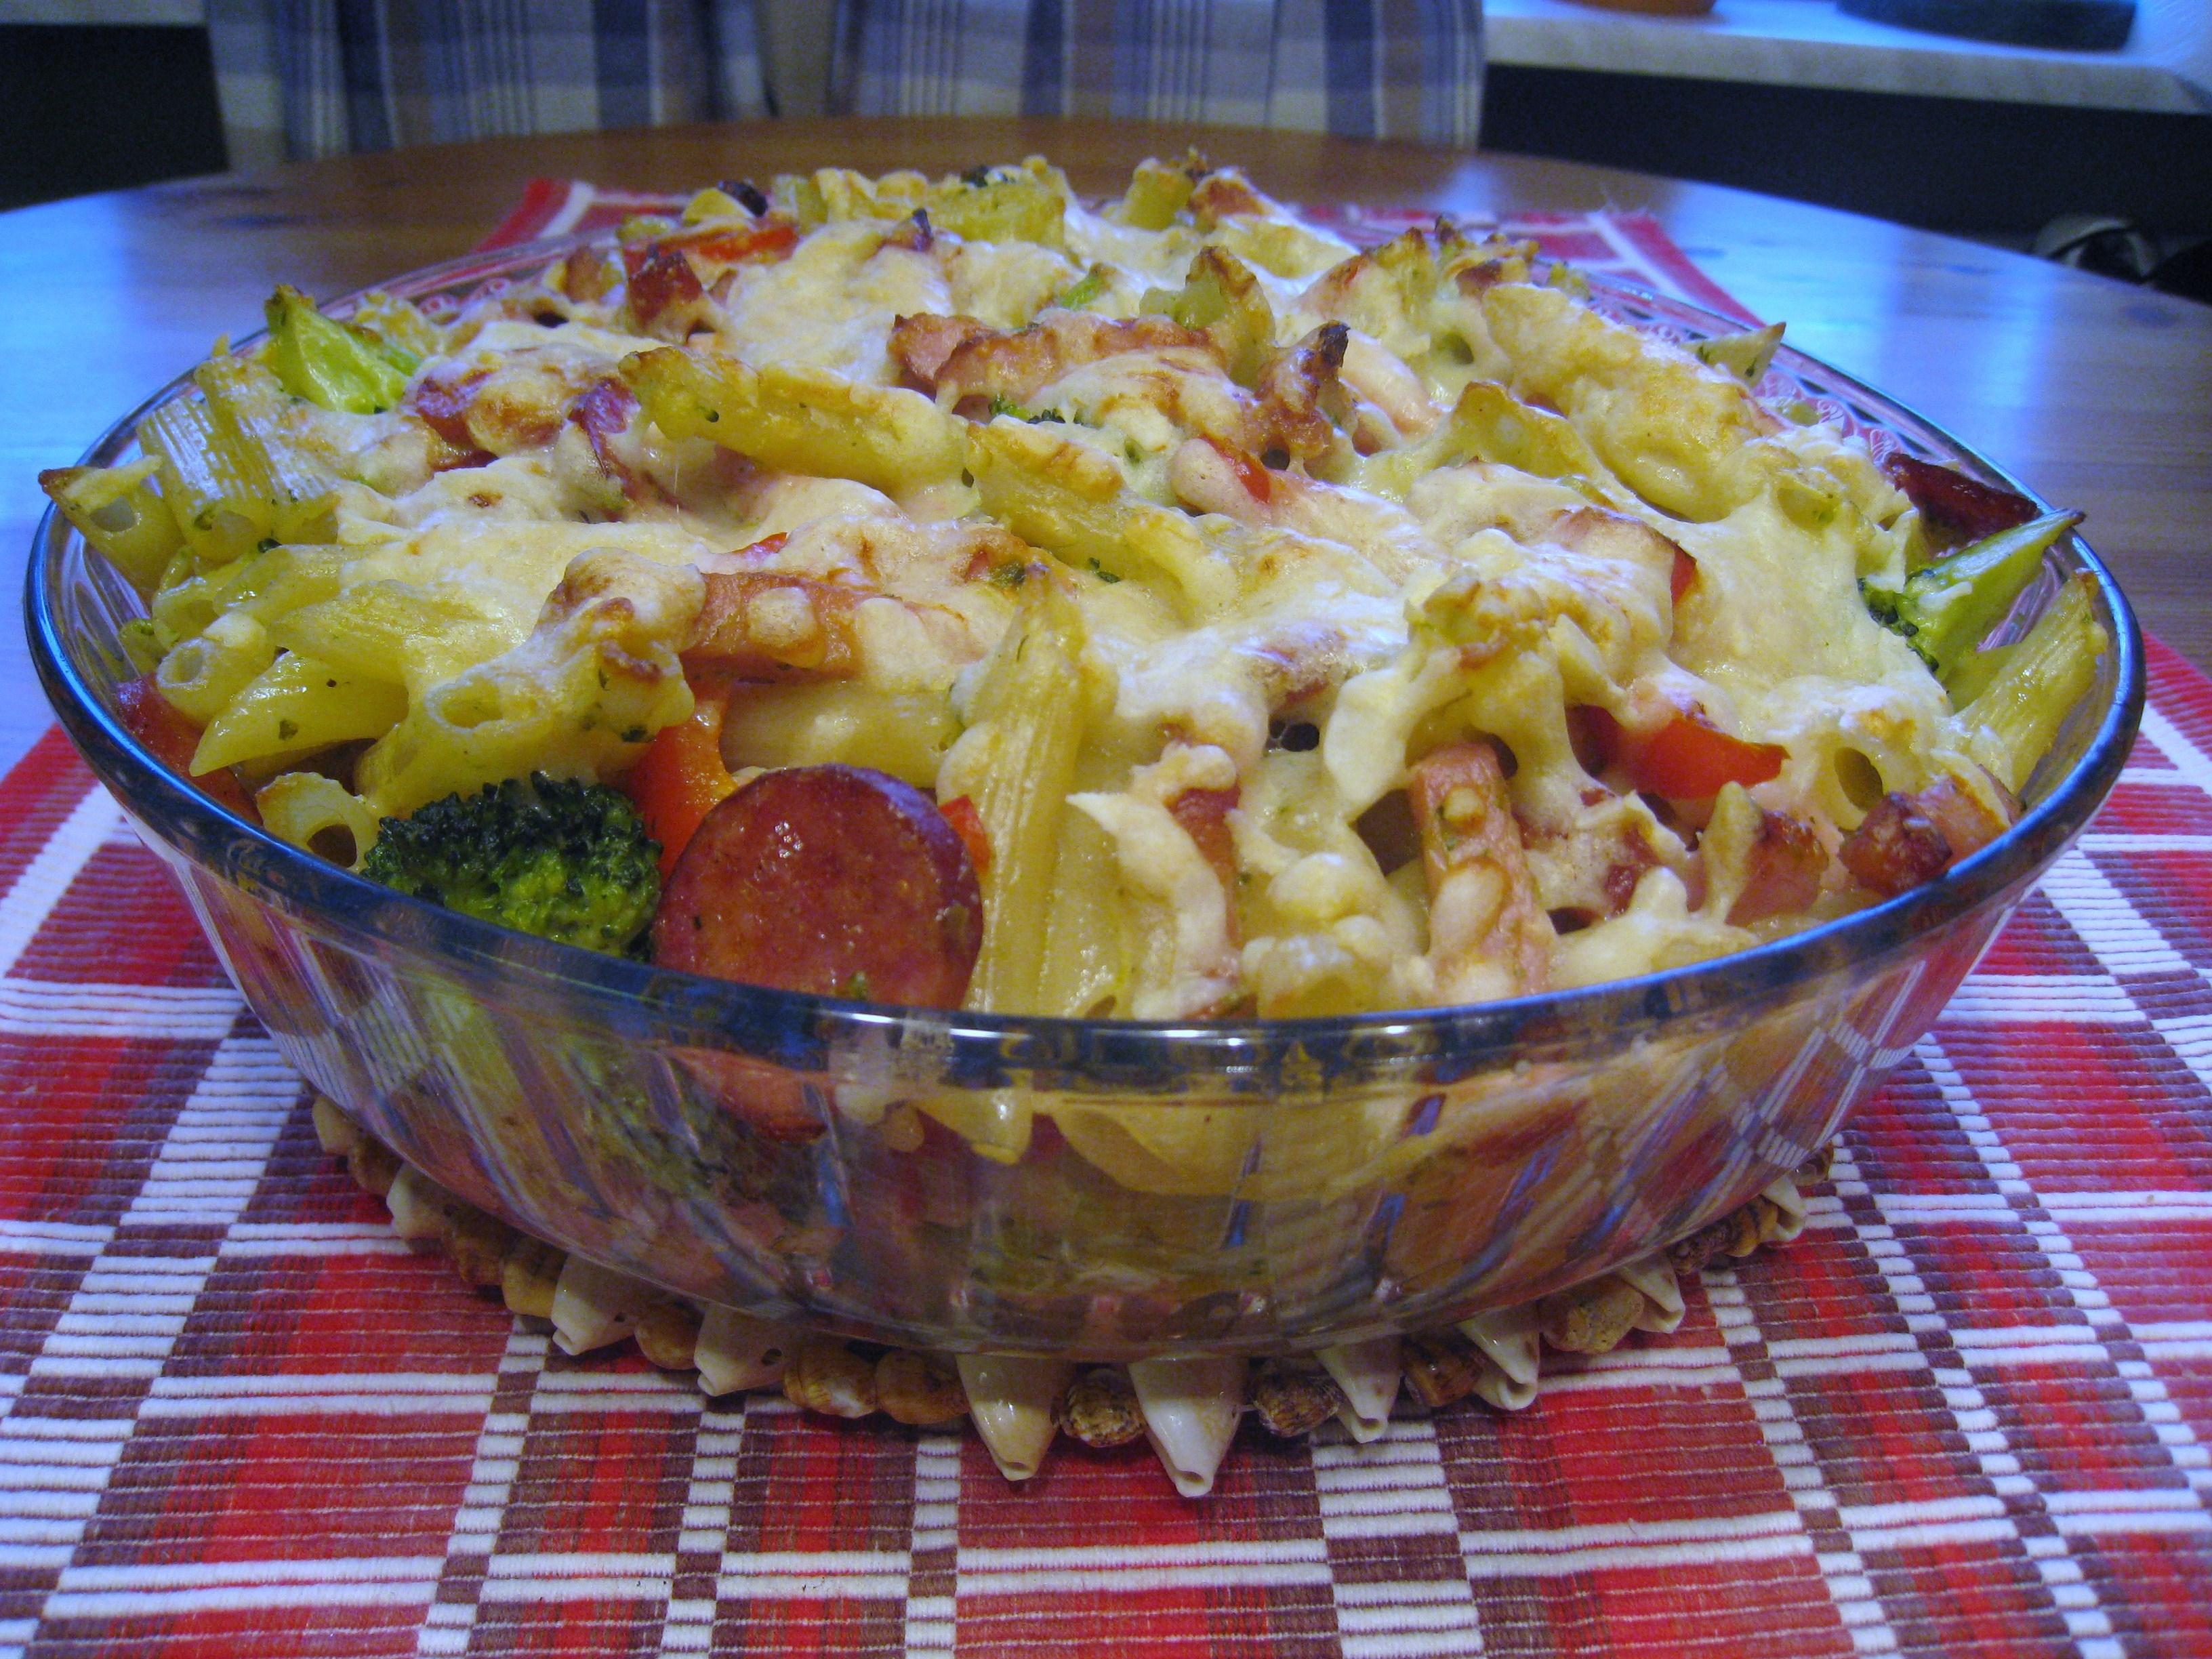 Pastagratäng med kassler, kryddig korv och broccoli.